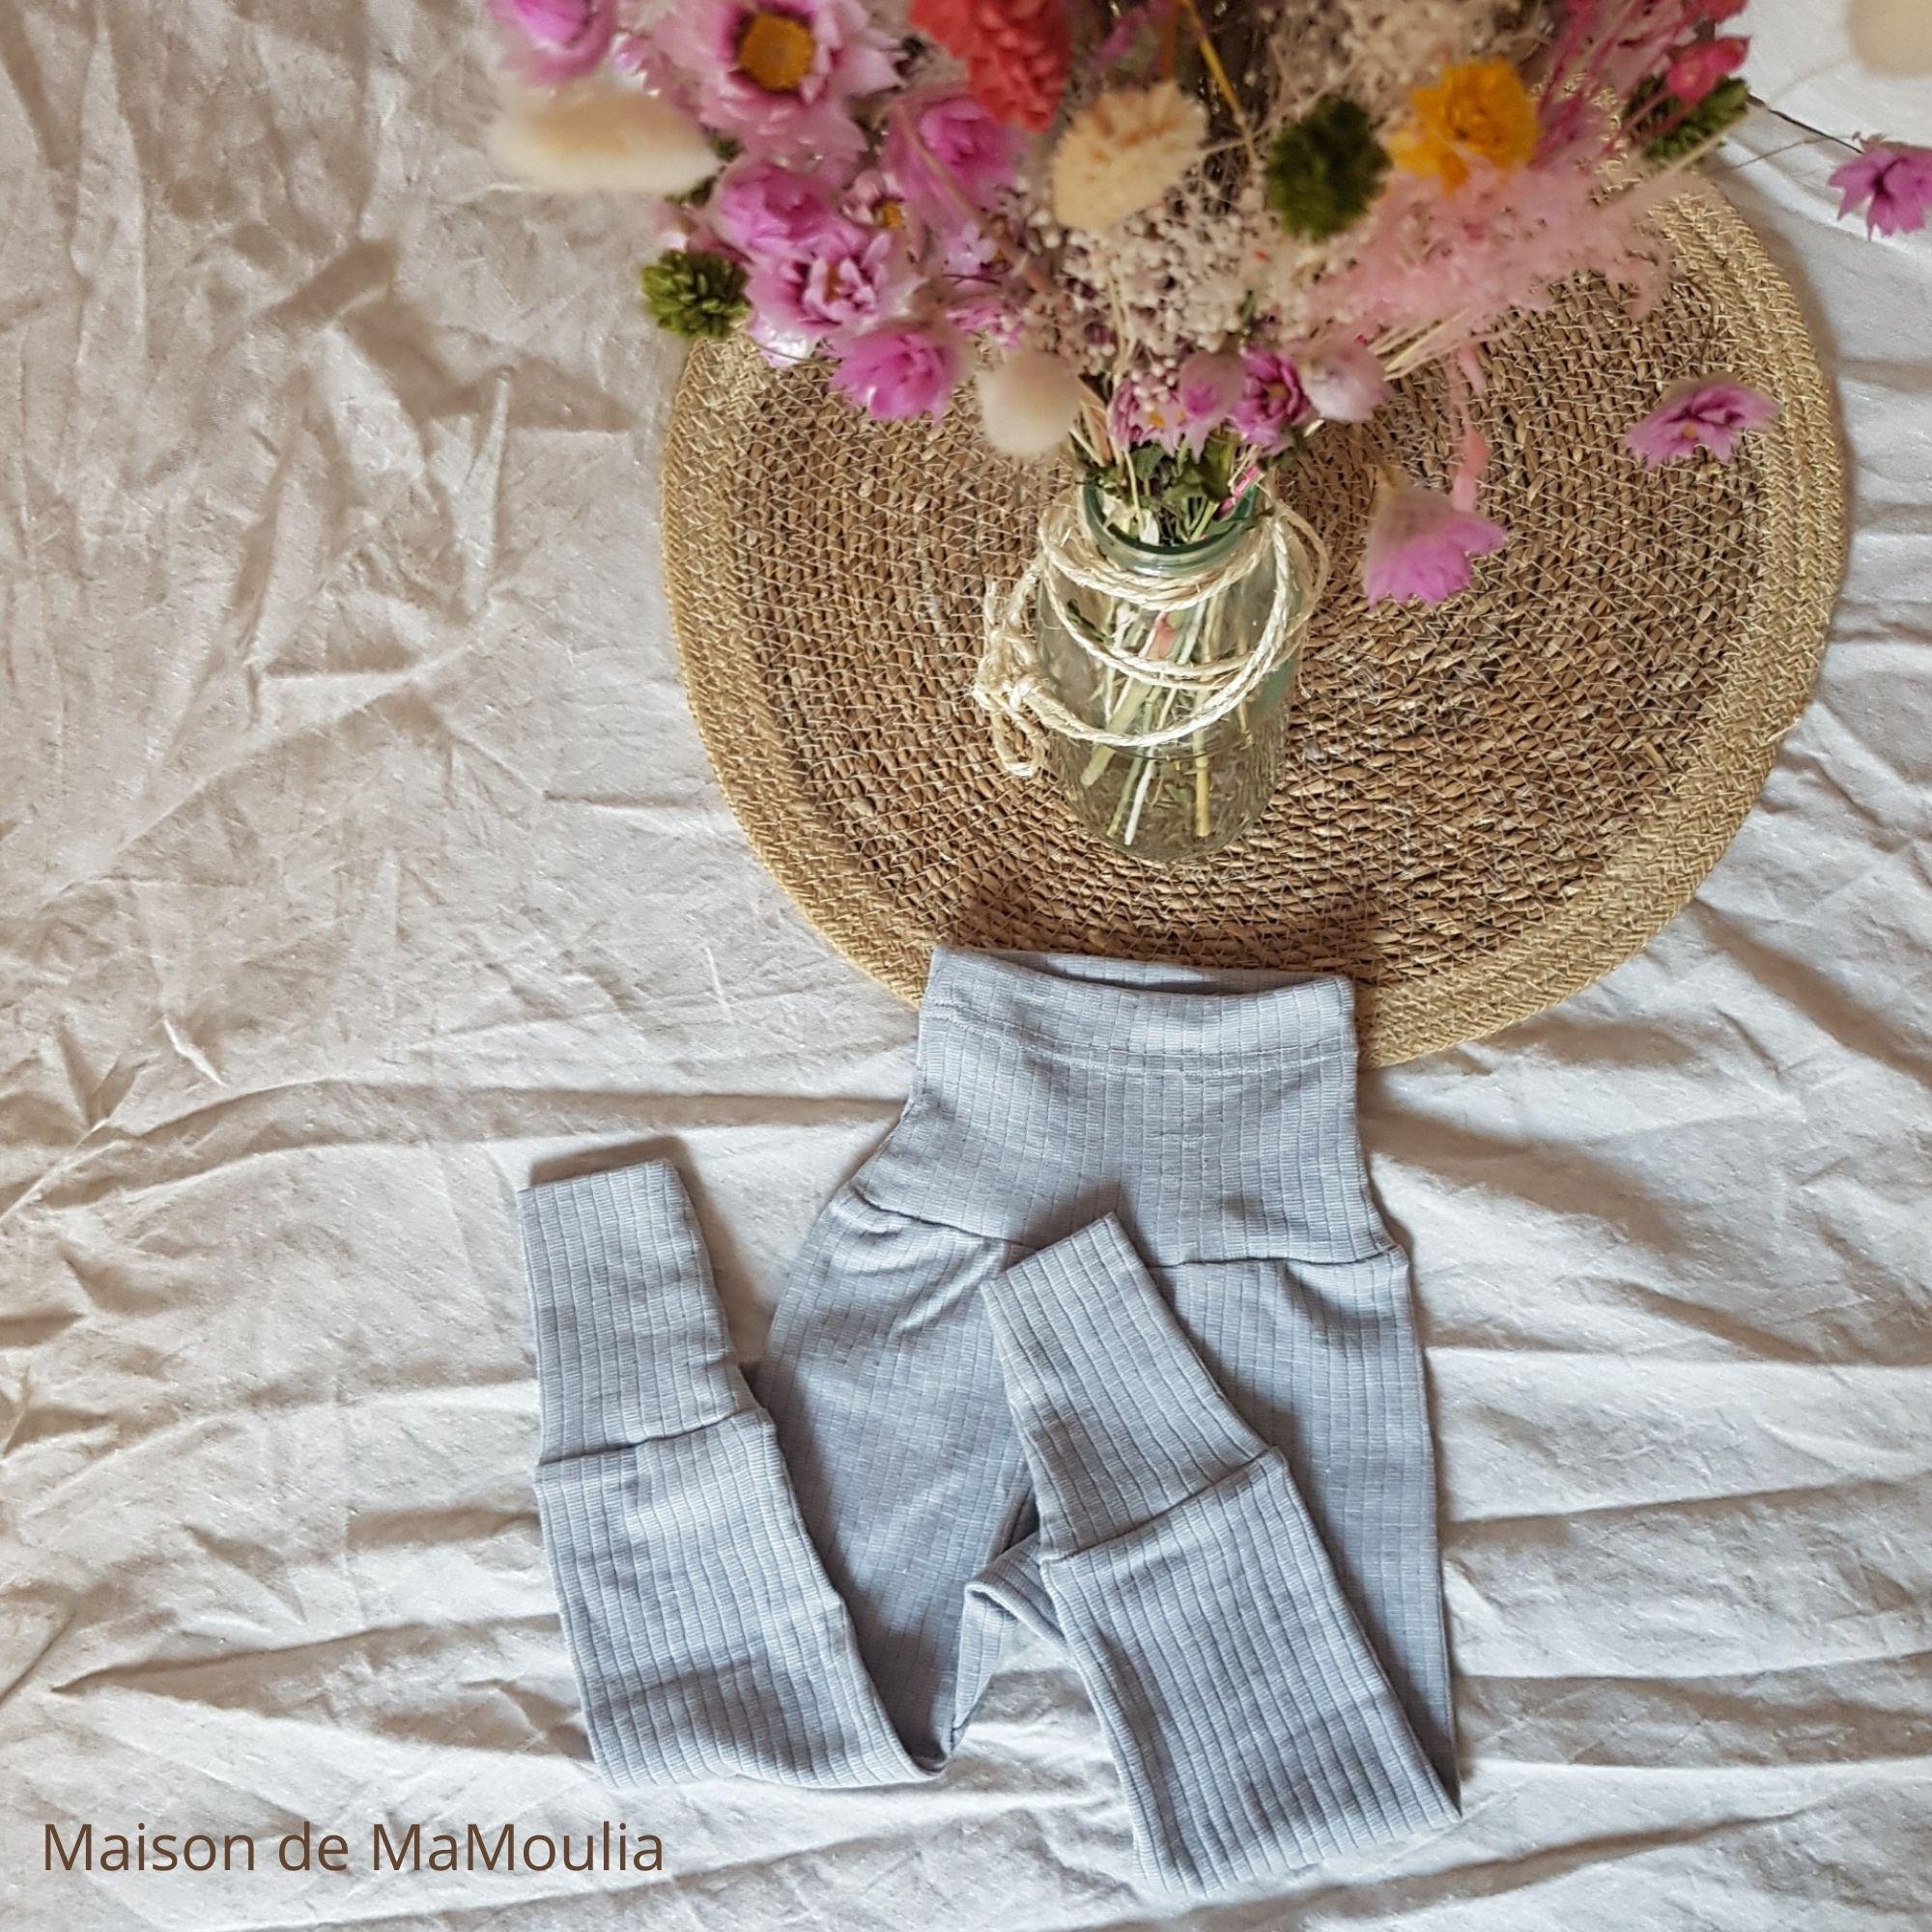 COSILANA - Pantalon avec ceinture large - bébé et enfant - Laine/Soie/Coton bio, Gris clair